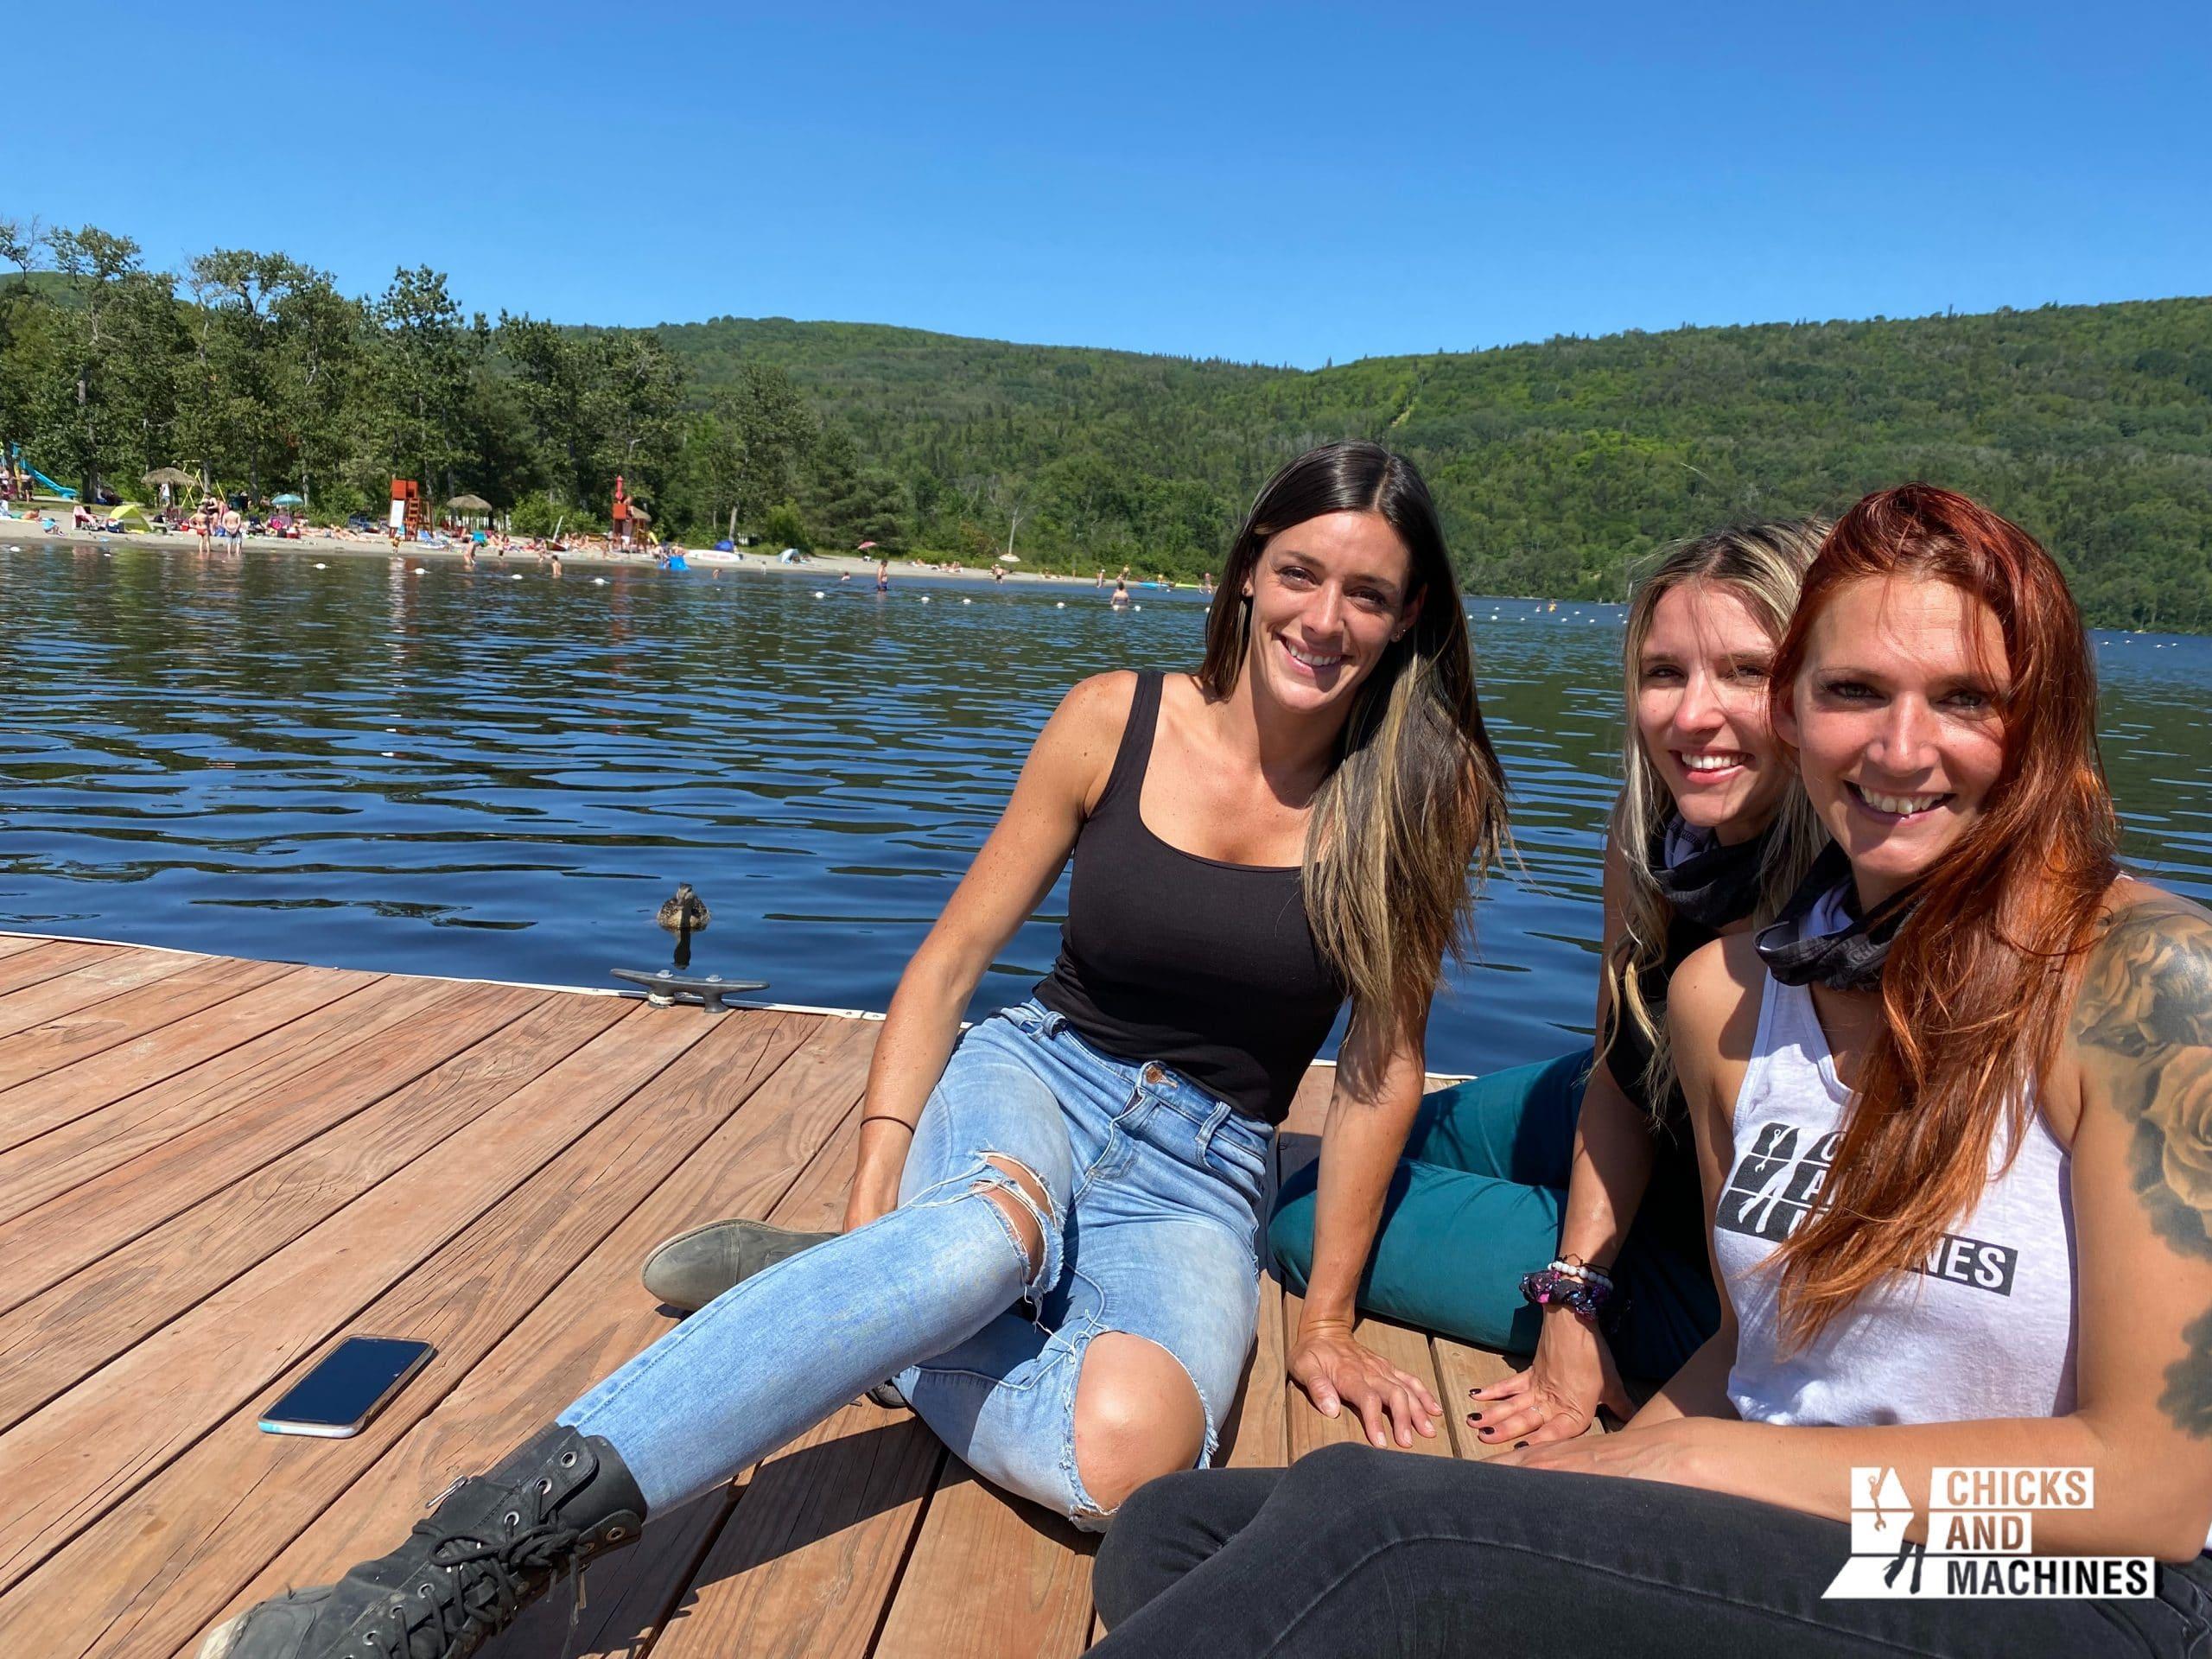 Les filles profitant du soleil et d'un moment de relaxation !